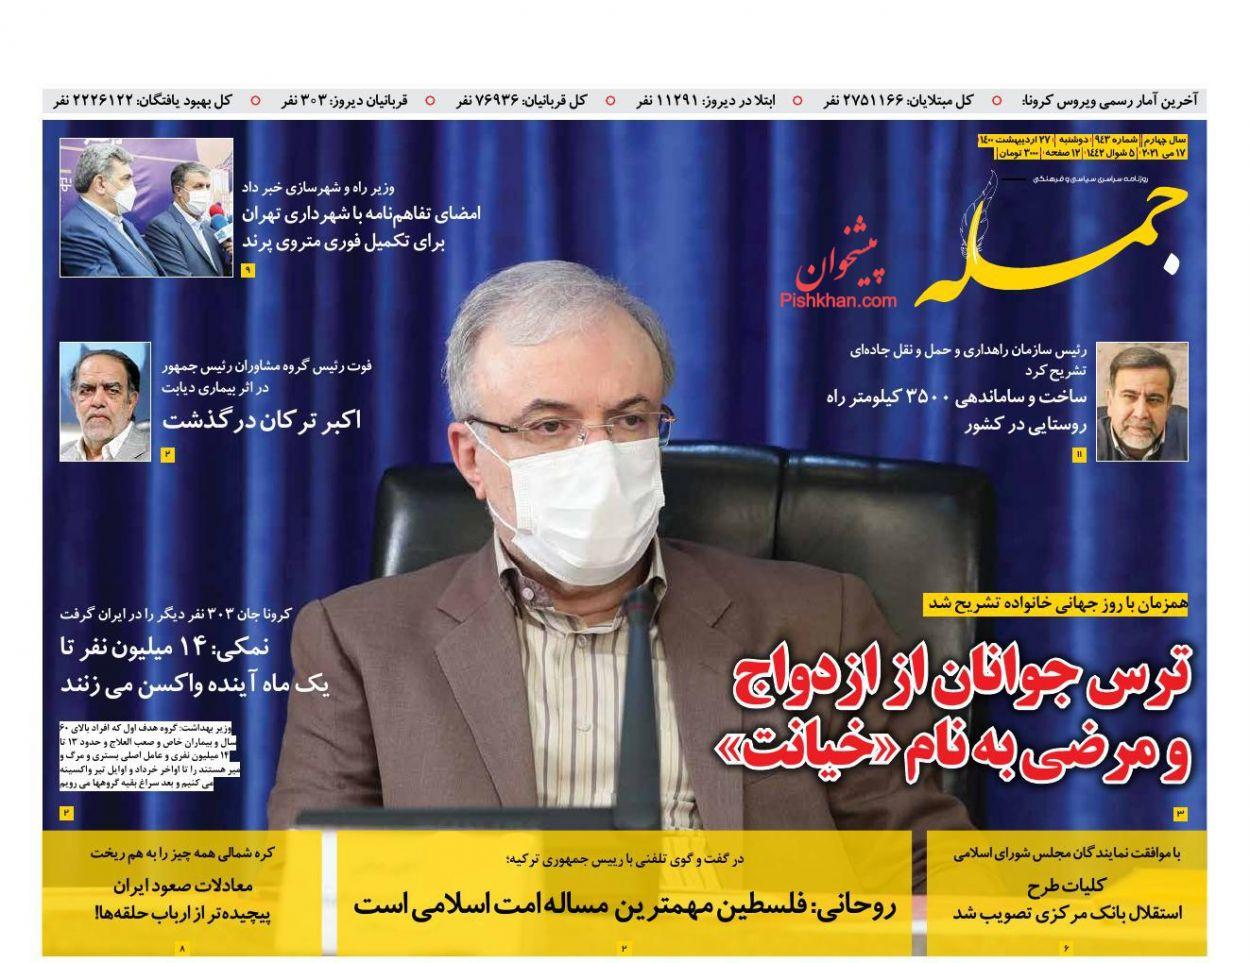 عناوین اخبار روزنامه جمله در روز دوشنبه ۲۷ ارديبهشت